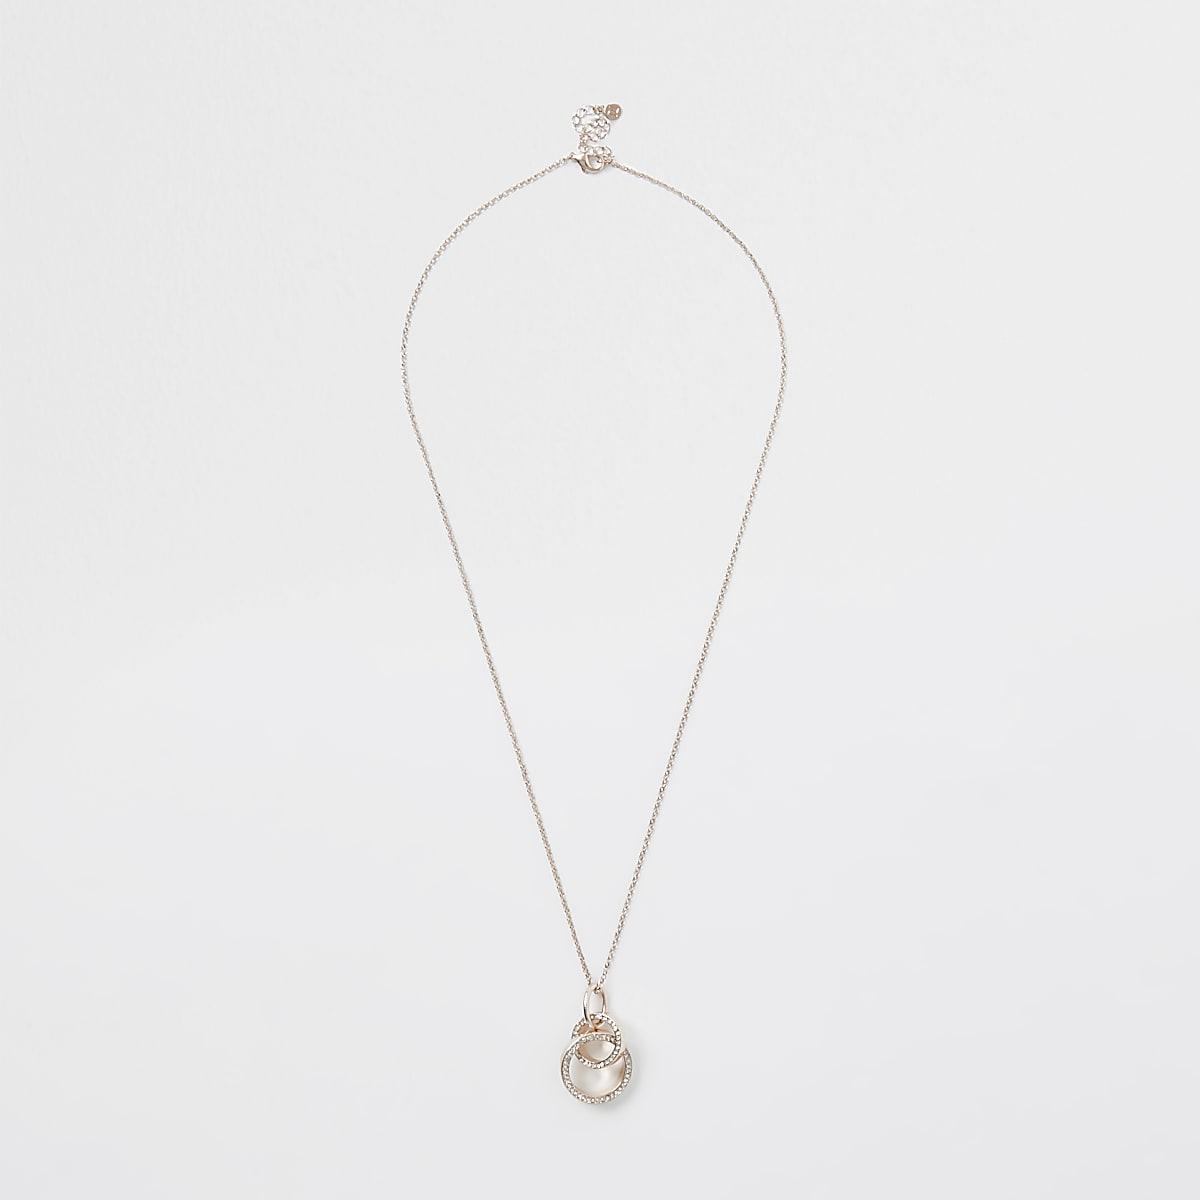 Roségoudkleurige ketting met in elkaar gehaakte hangers